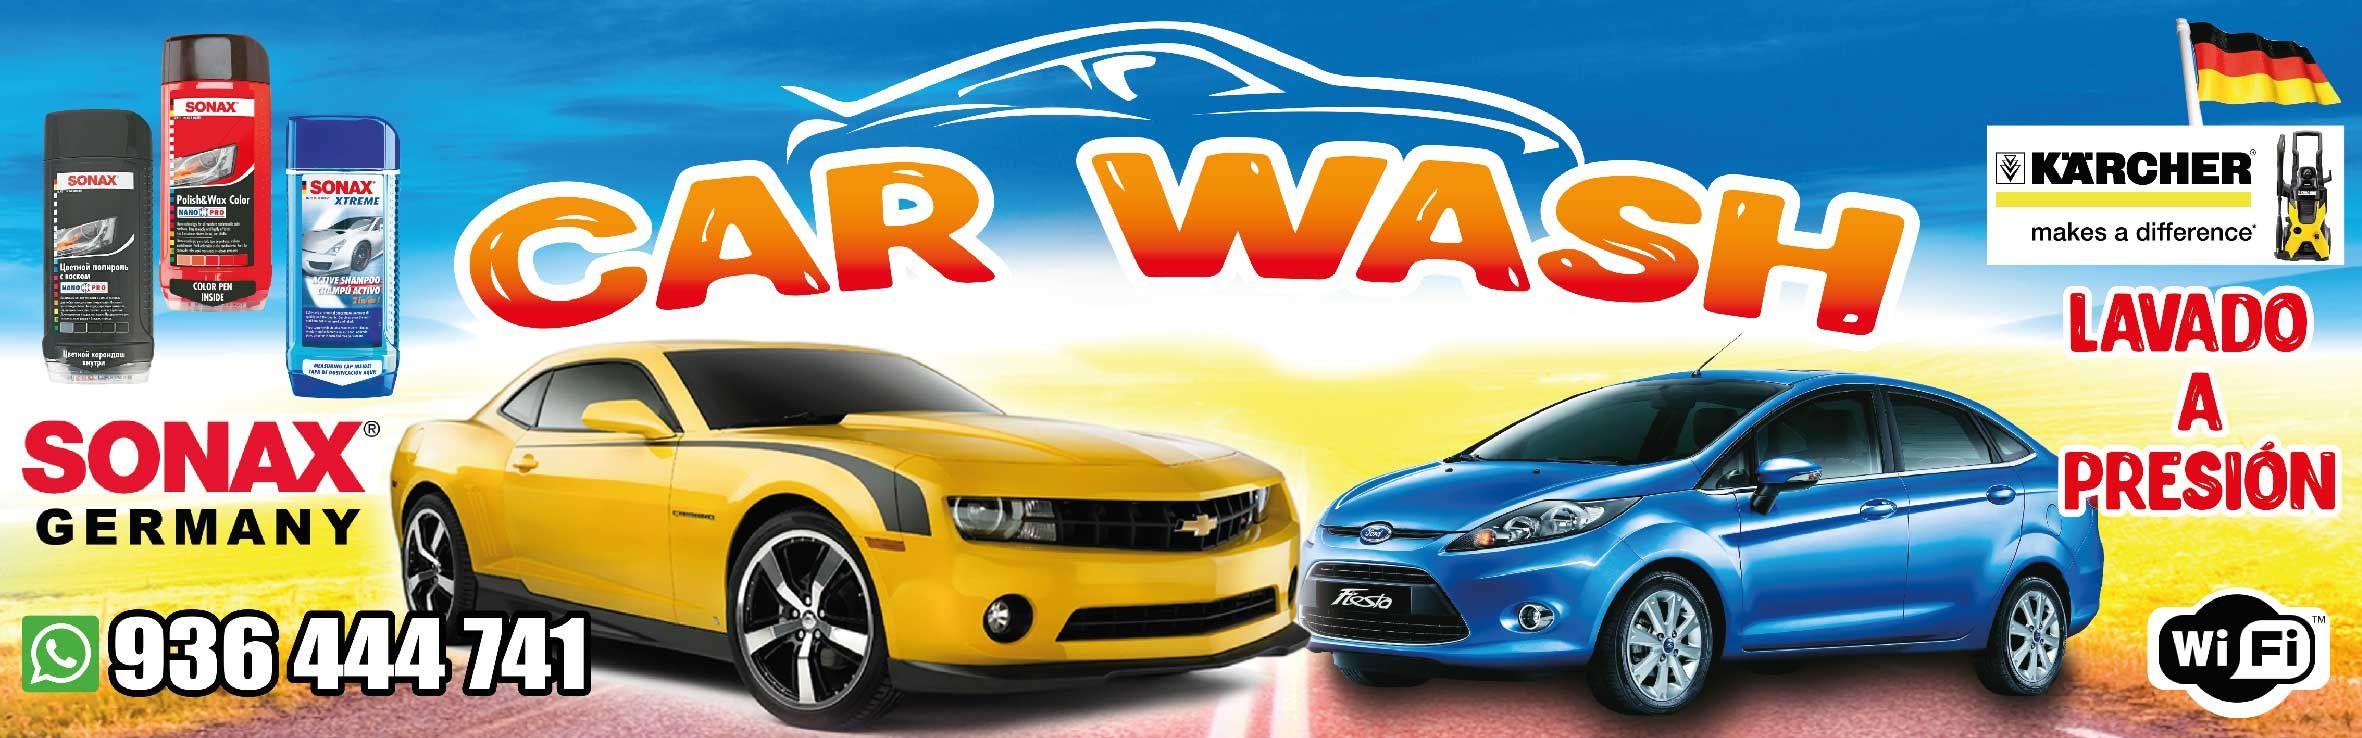 Dise Os Publicitarios Para Car Wash Dise Os Para Tu